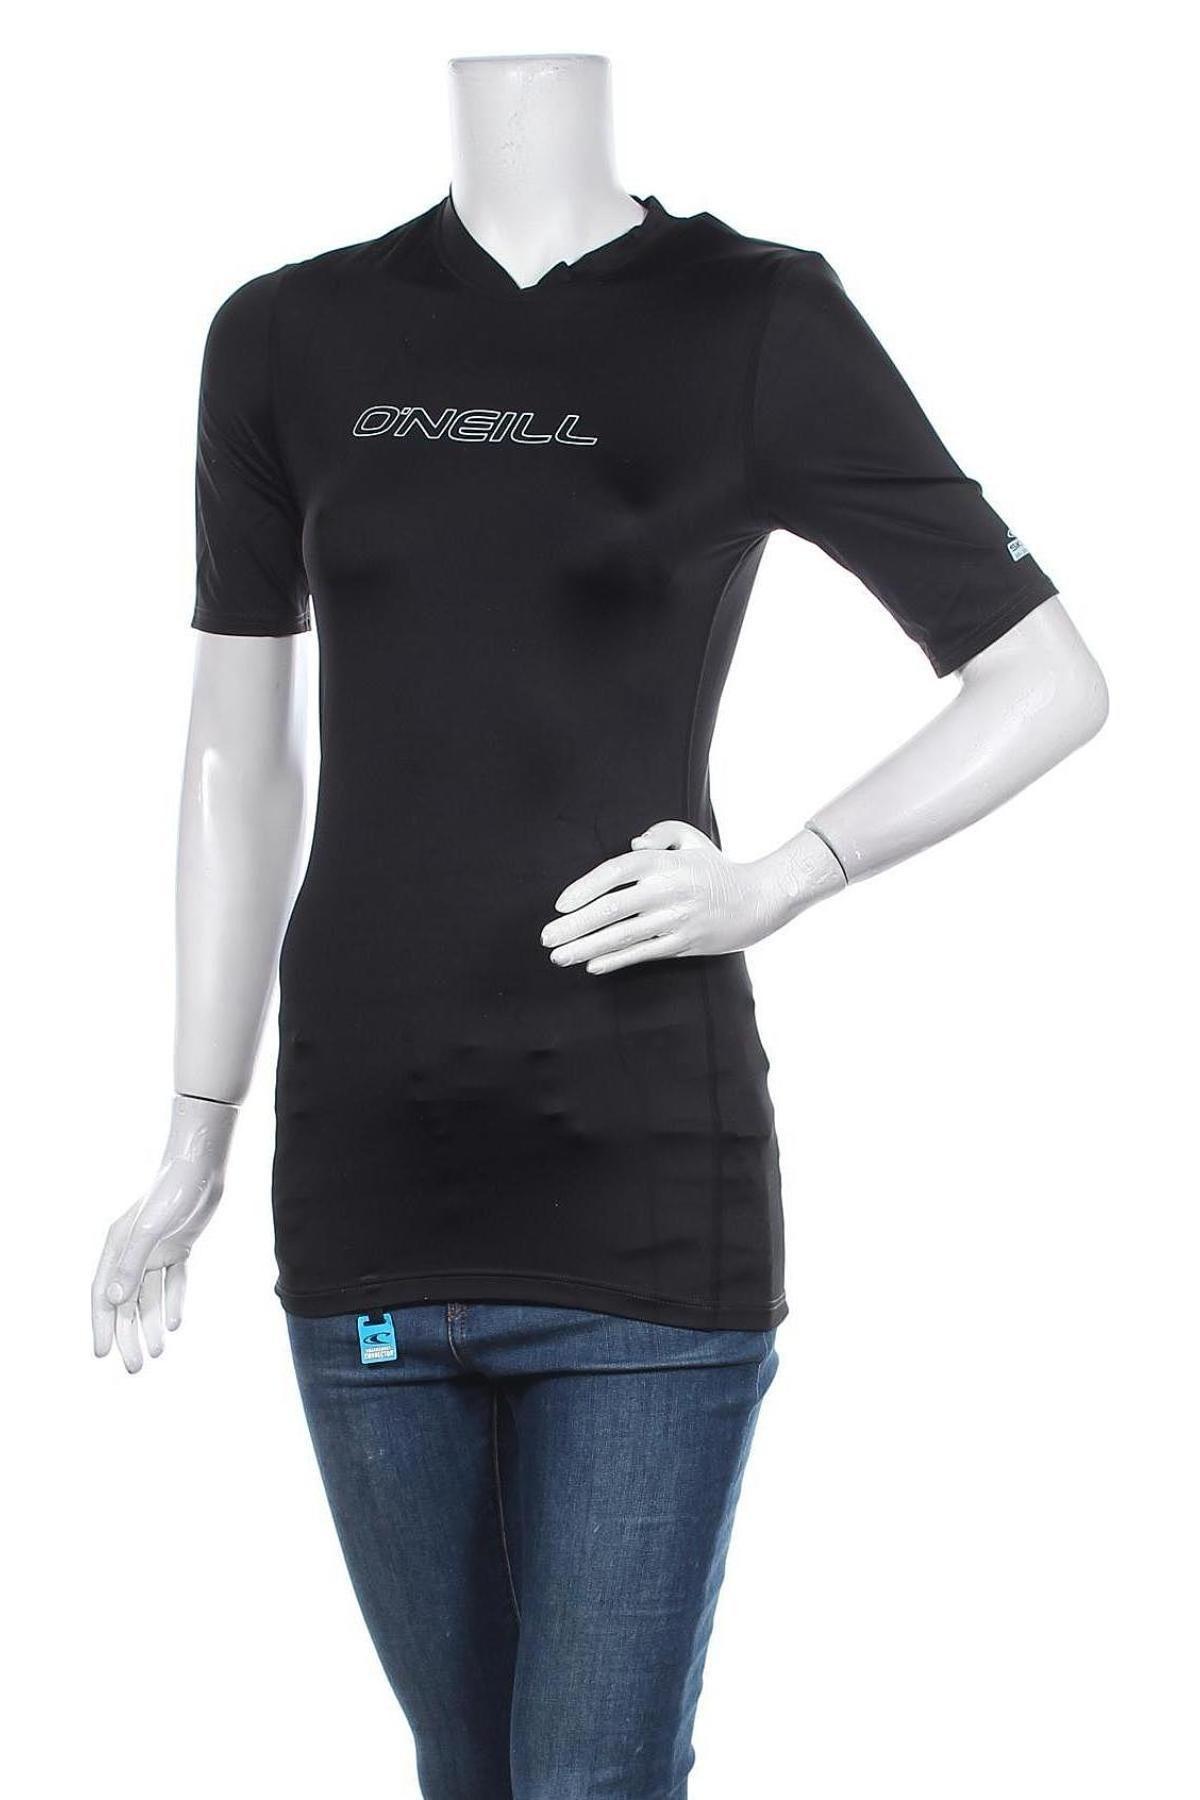 Дамска тениска O'neill, Размер L, Цвят Черен, 82% полиамид, 18% еластан, Цена 13,72лв.